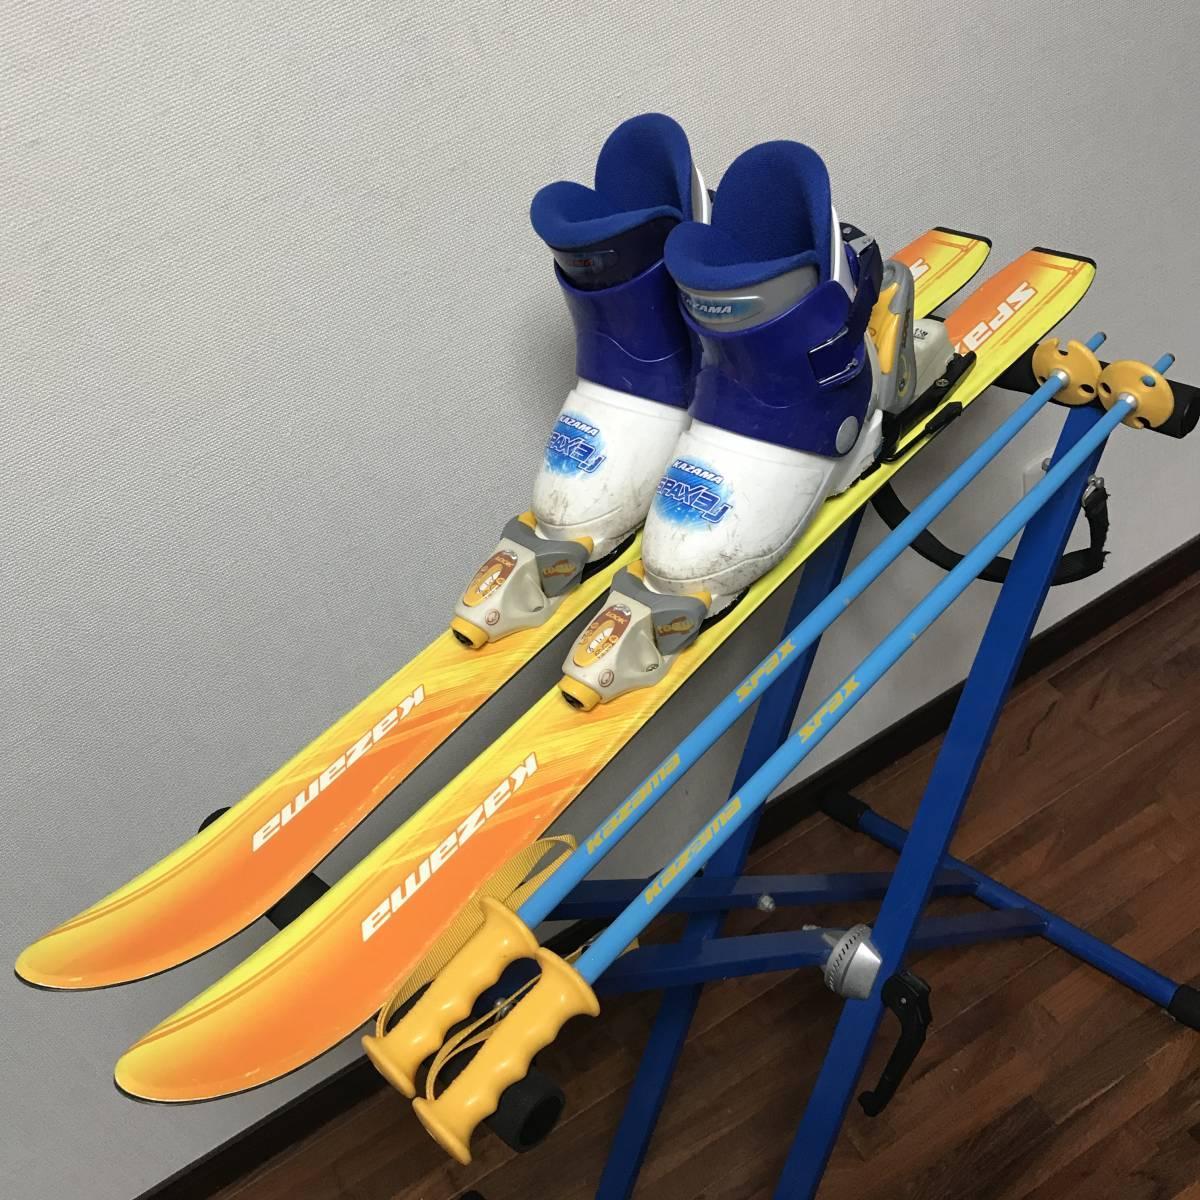 ジュニアスキーセット◆ケース付 KAZAMA 90cm ブーツ 17-18cm ポール 70cm キッズ 子供 ジュニア _画像1